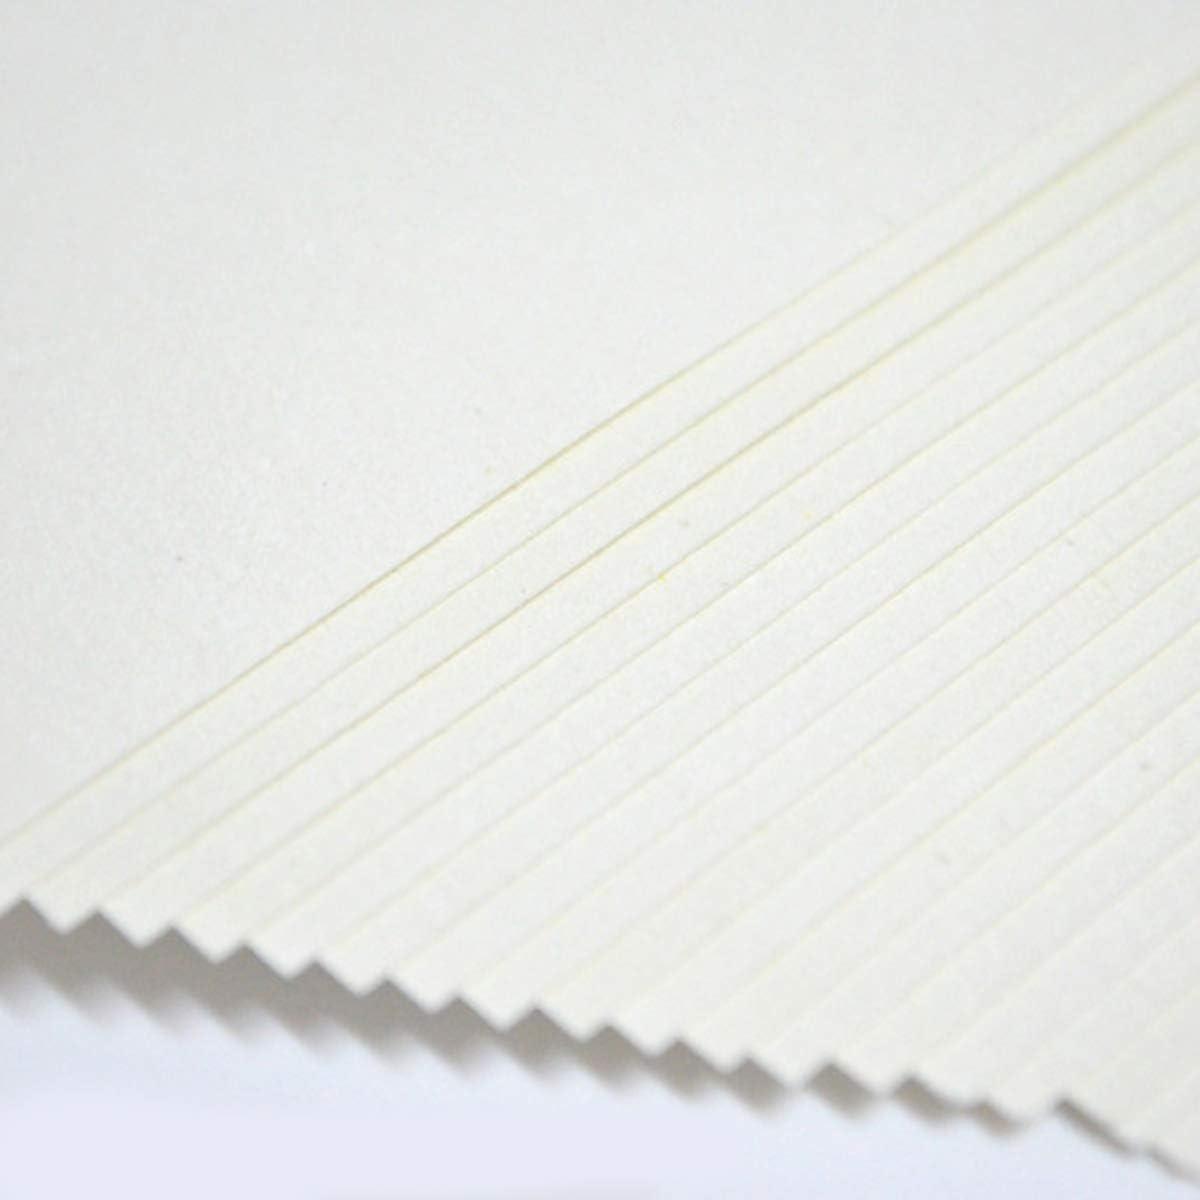 Rantoloys 20 feuilles A4 croquis papier dessin Pad blanc papier fournitures dart pour les /étudiants adultes artistes